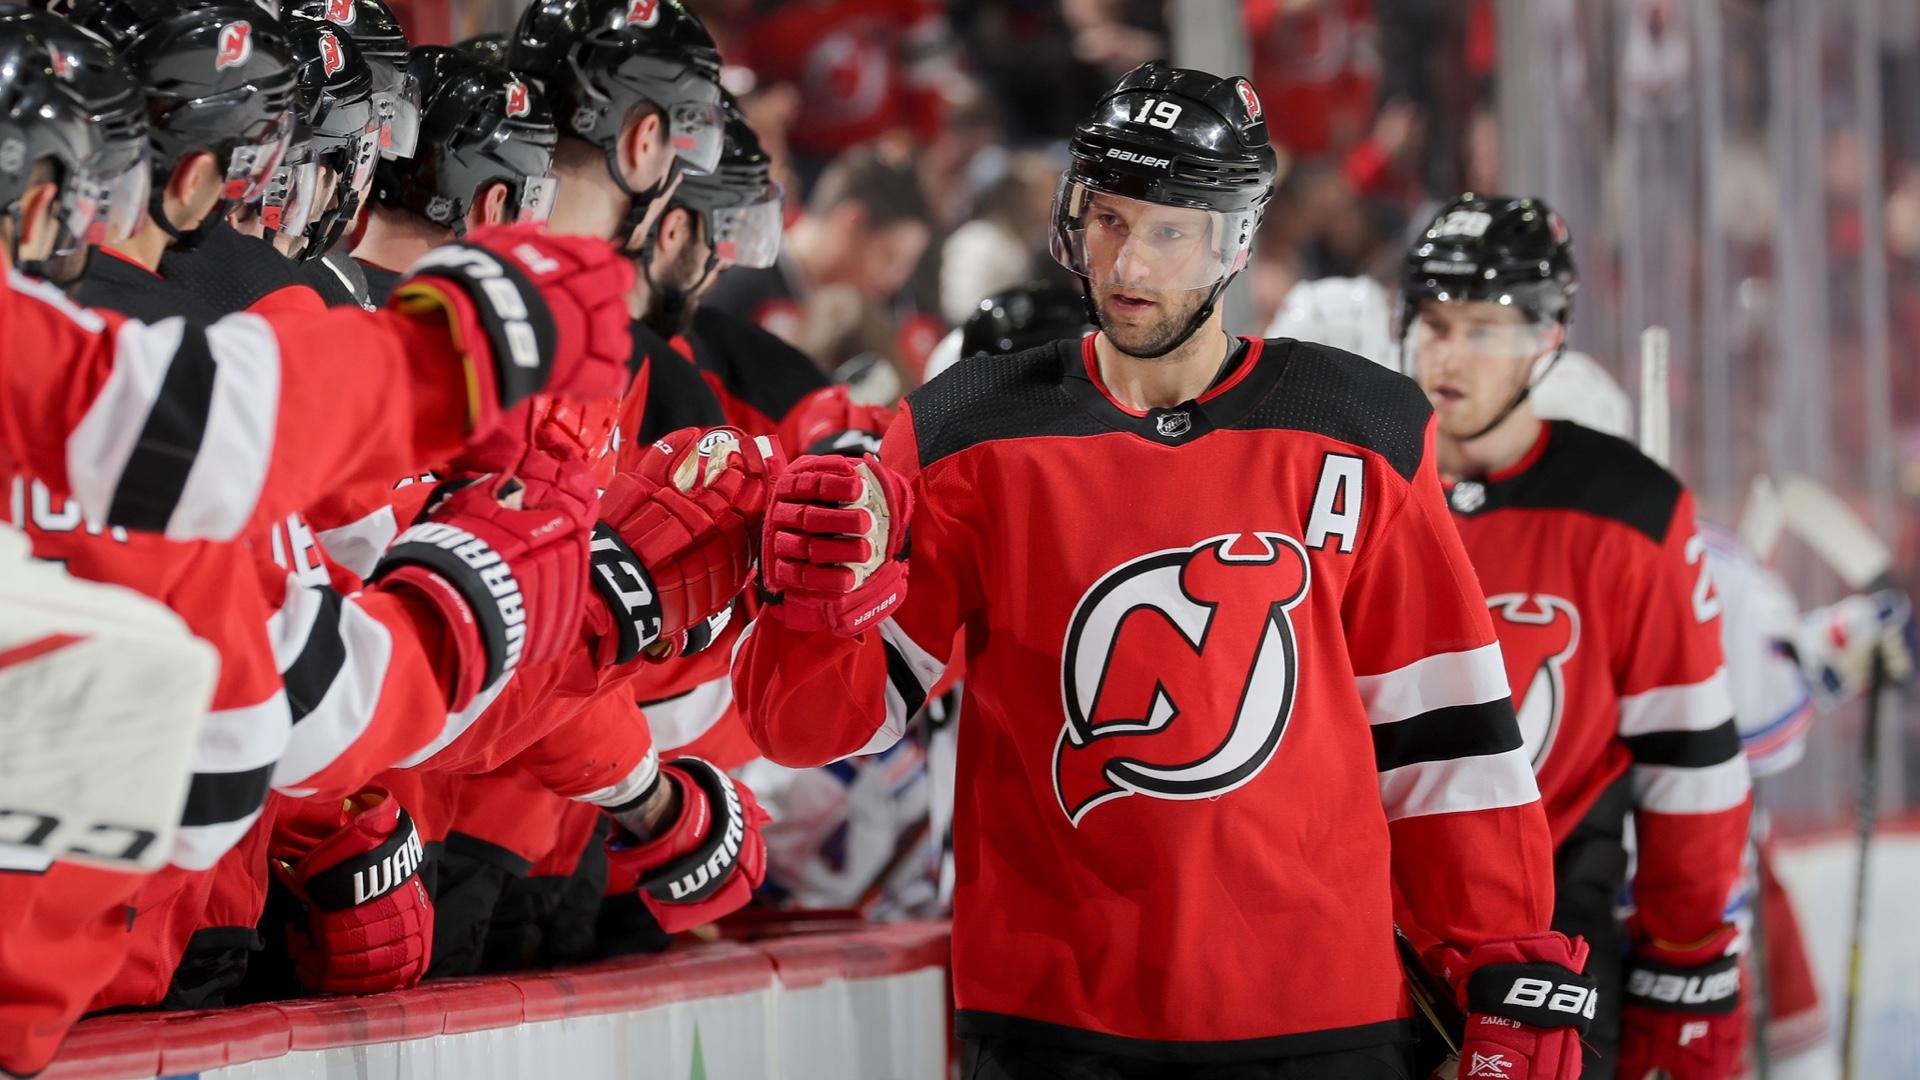 Travis Zajac de Devils intrigado con la idea de la temporada de finalización de NHL en alma mater, Dakota del Norte 59